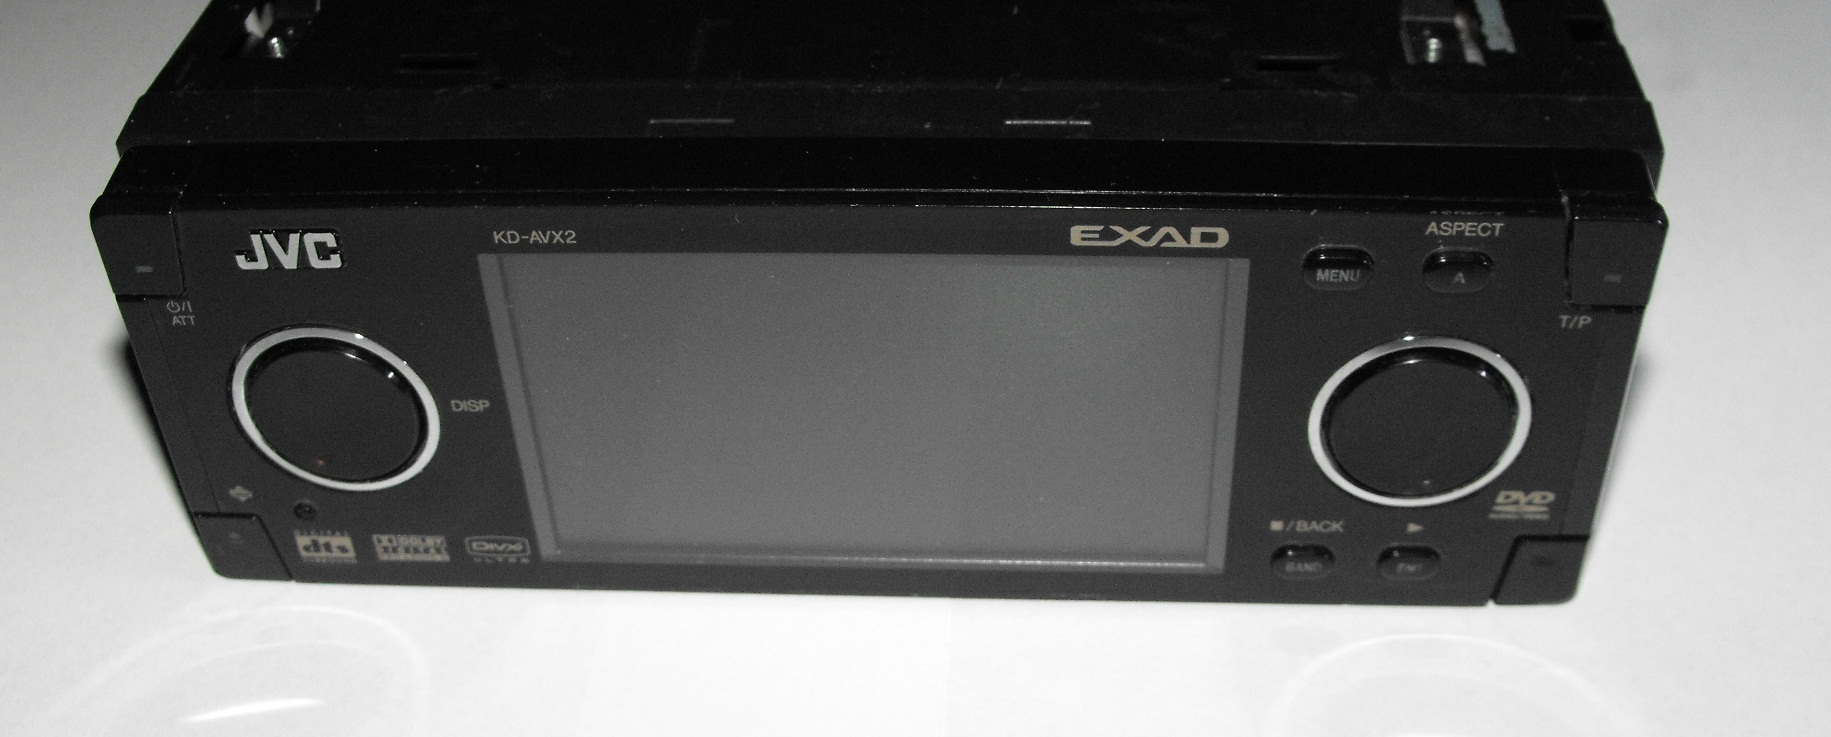 [Sprzedam] JVC KD-AVX2 - radio z czerwonym pod�wietleniem